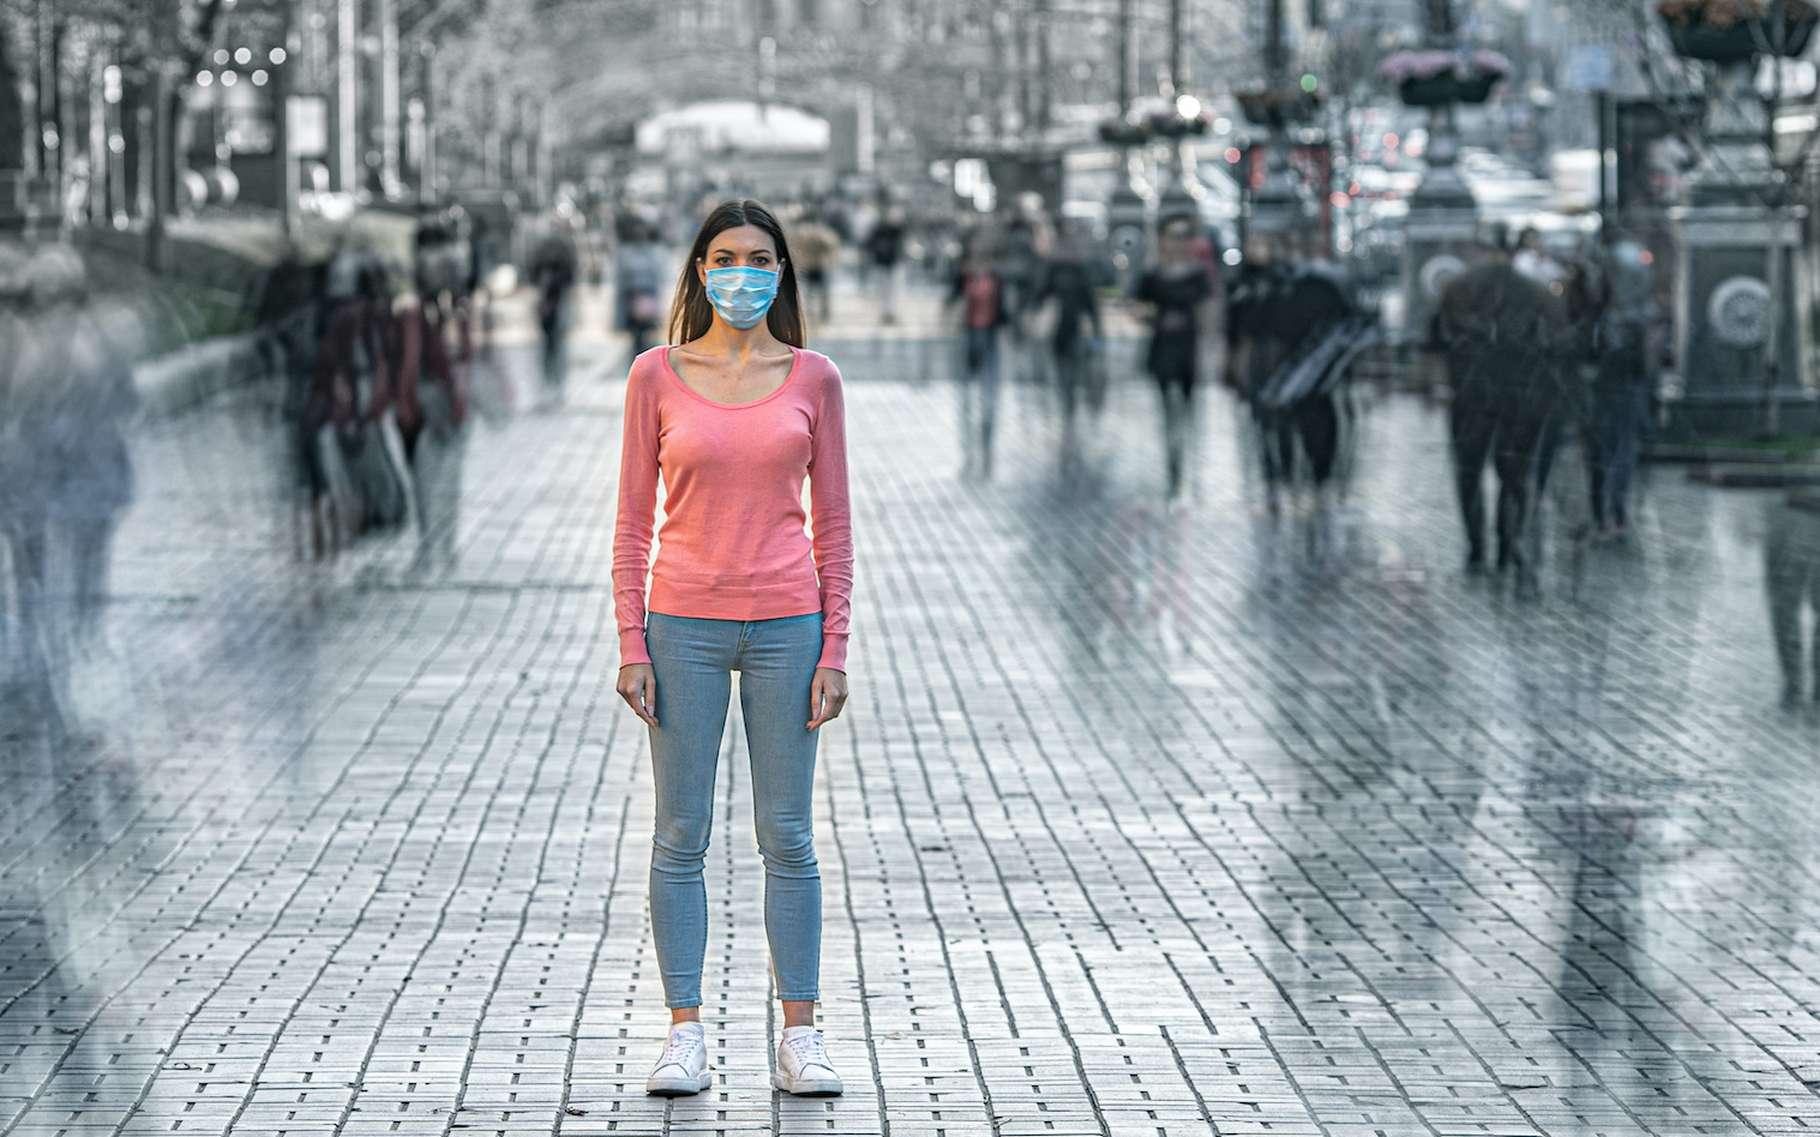 Au 11 mai 2020, moins de 6 % des Français auront été infectés par le coronavirus, un niveau très insuffisant pour éviter une deuxième vague épidémique si toutes les mesures étaient intégralement levées. © realstock1, Adobe Stock